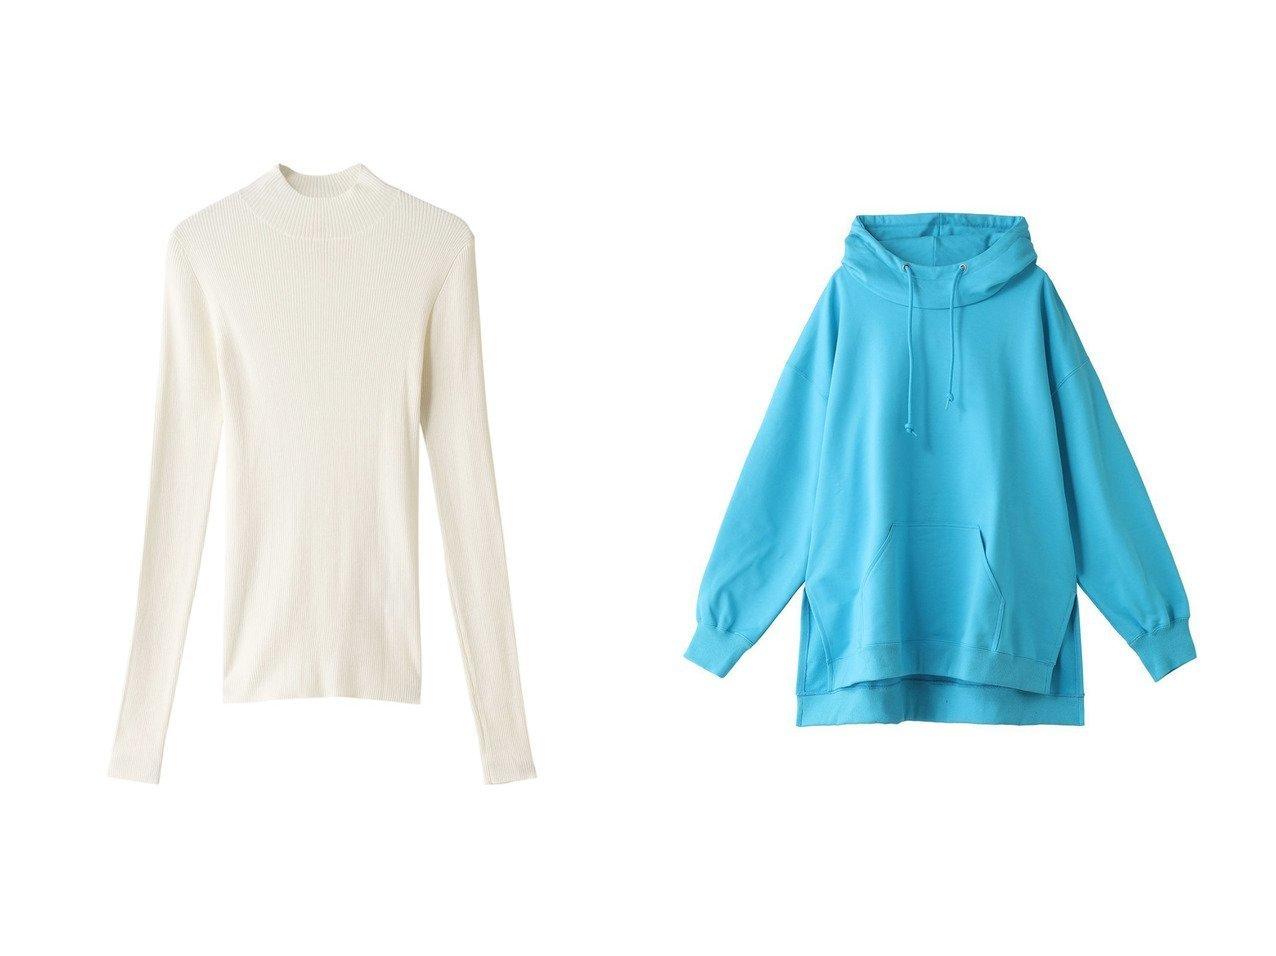 【nagonstans/ナゴンスタンス】のHard Sweat スタンドCパーカー&Airly Cotton ハイネックリブロングスリーブ トップス・カットソーのおすすめ!人気トレンド・レディースファッションの通販 おすすめで人気の流行・トレンド、ファッションの通販商品 メンズファッション・キッズファッション・インテリア・家具・レディースファッション・服の通販 founy(ファニー) https://founy.com/ ファッション Fashion レディースファッション WOMEN トップス カットソー Tops Tshirt シャツ/ブラウス Shirts Blouses ロング / Tシャツ T-Shirts カットソー Cut and Sewn パーカ Sweats スウェット Sweat 2021年 2021 2021 春夏 S/S SS Spring/Summer 2021 S/S 春夏 SS Spring/Summer エアリー シンプル スリーブ ハイネック フィット ロング 春 Spring |ID:crp329100000024088